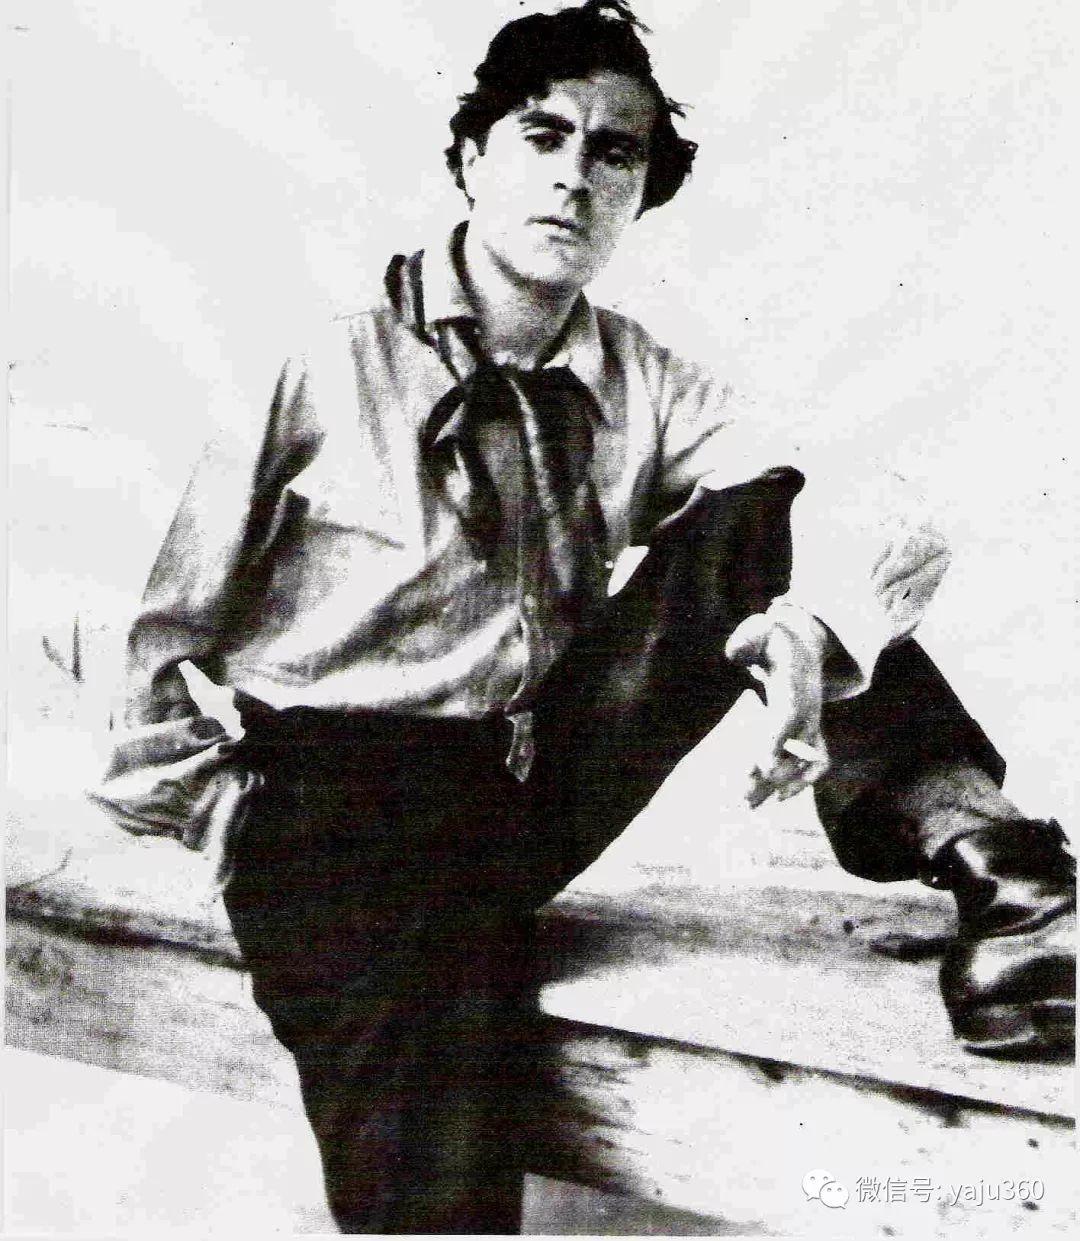 世界著名画家之莫迪利阿尼插图1